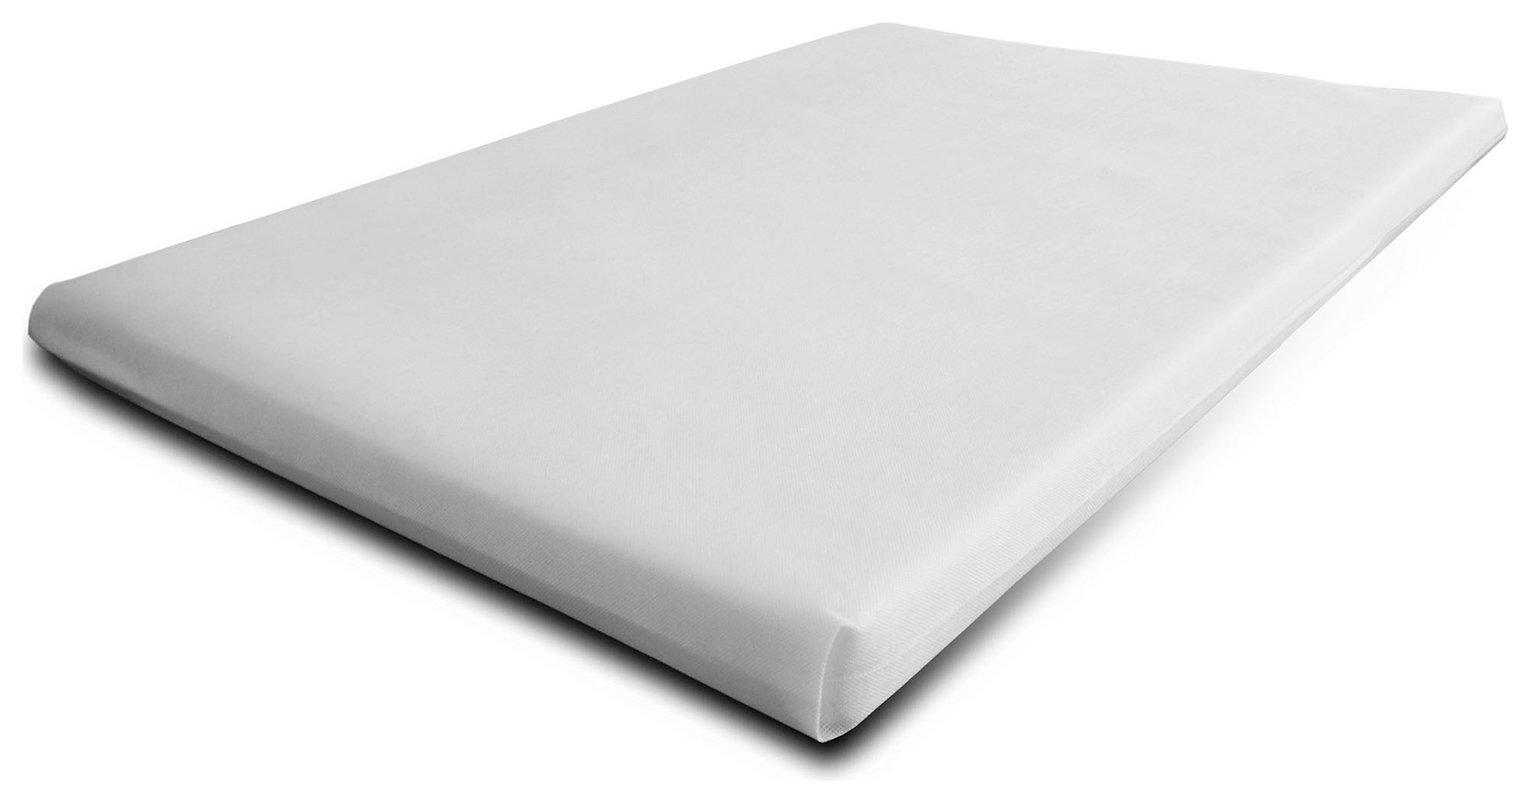 Cuggl 95 x 65cm foam cot mattress